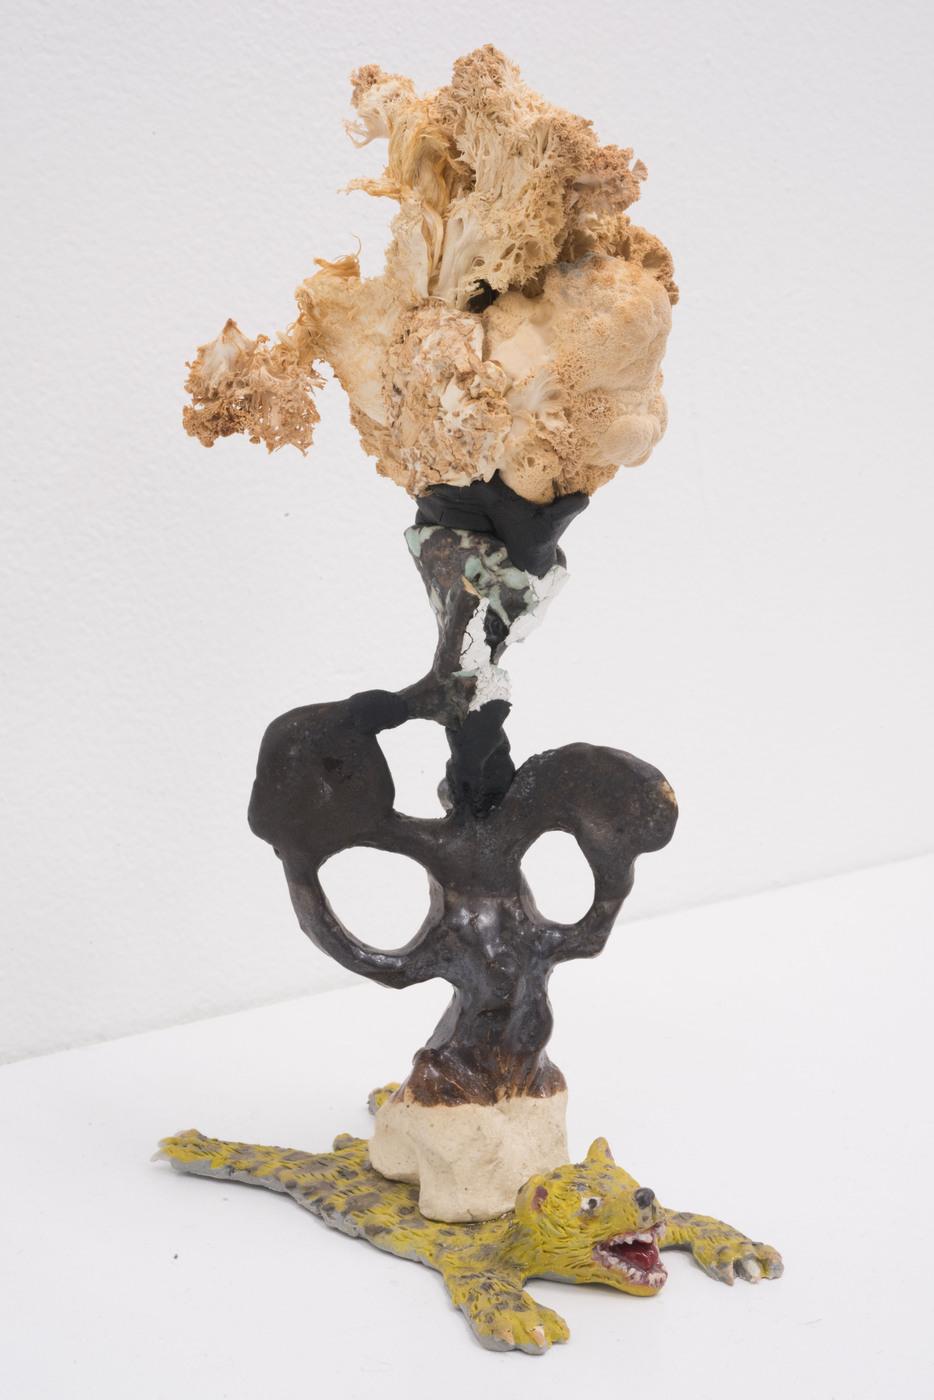 MushroomsHoney-CandiceLin-right